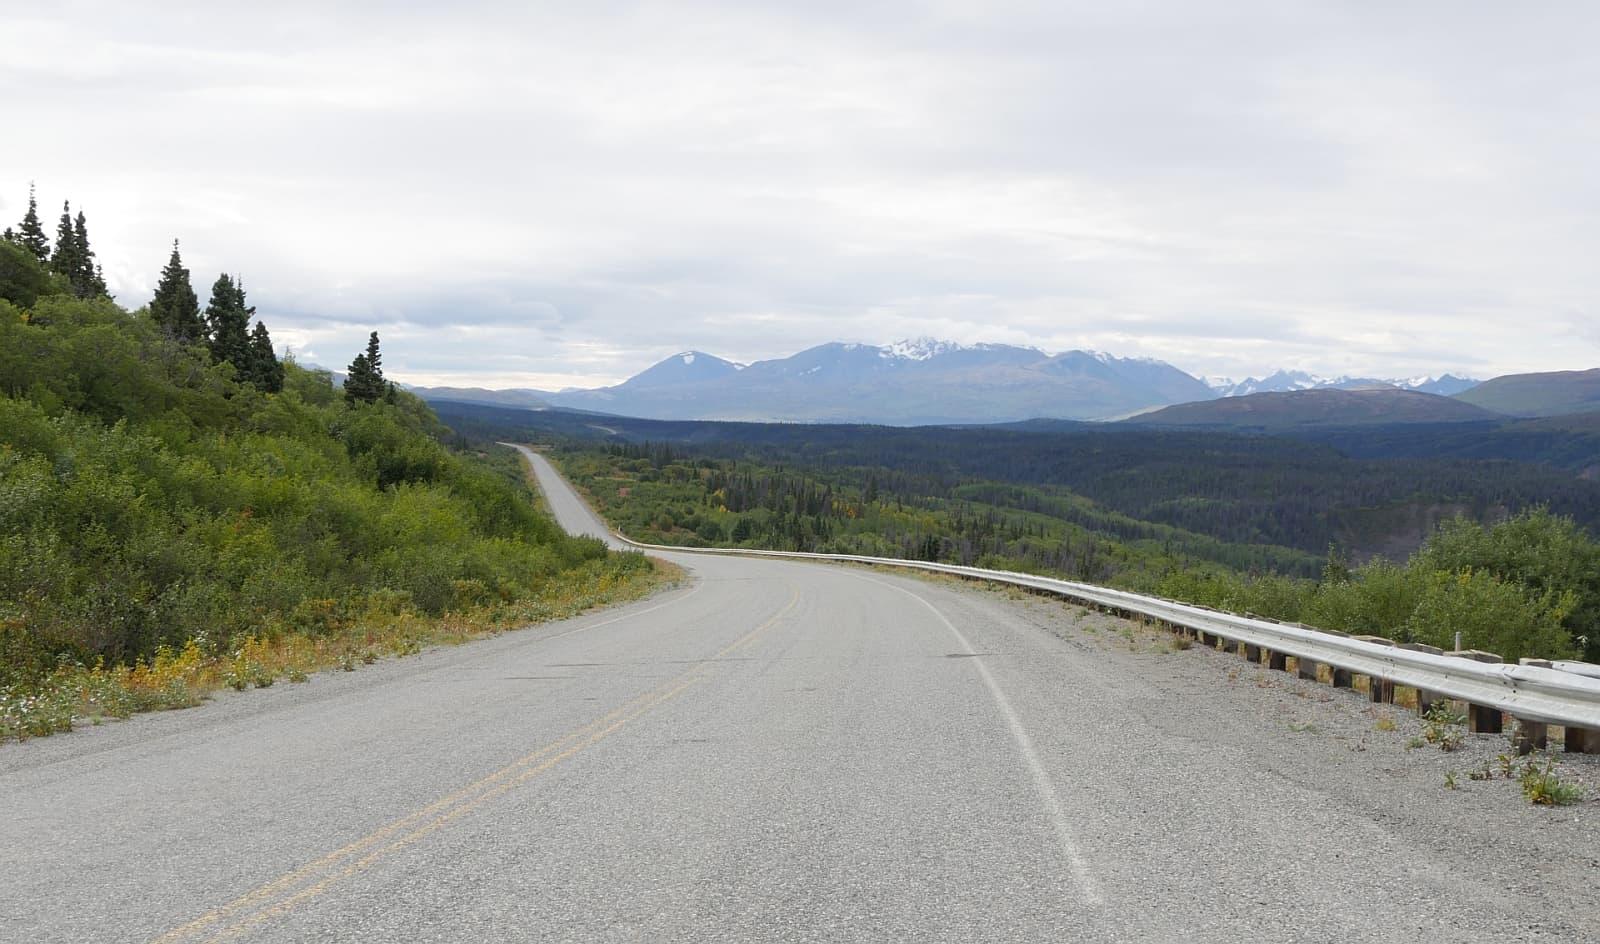 Die weiten Landschaften auf den Highways erkunden. Am besten mit einem Wohnmobil.